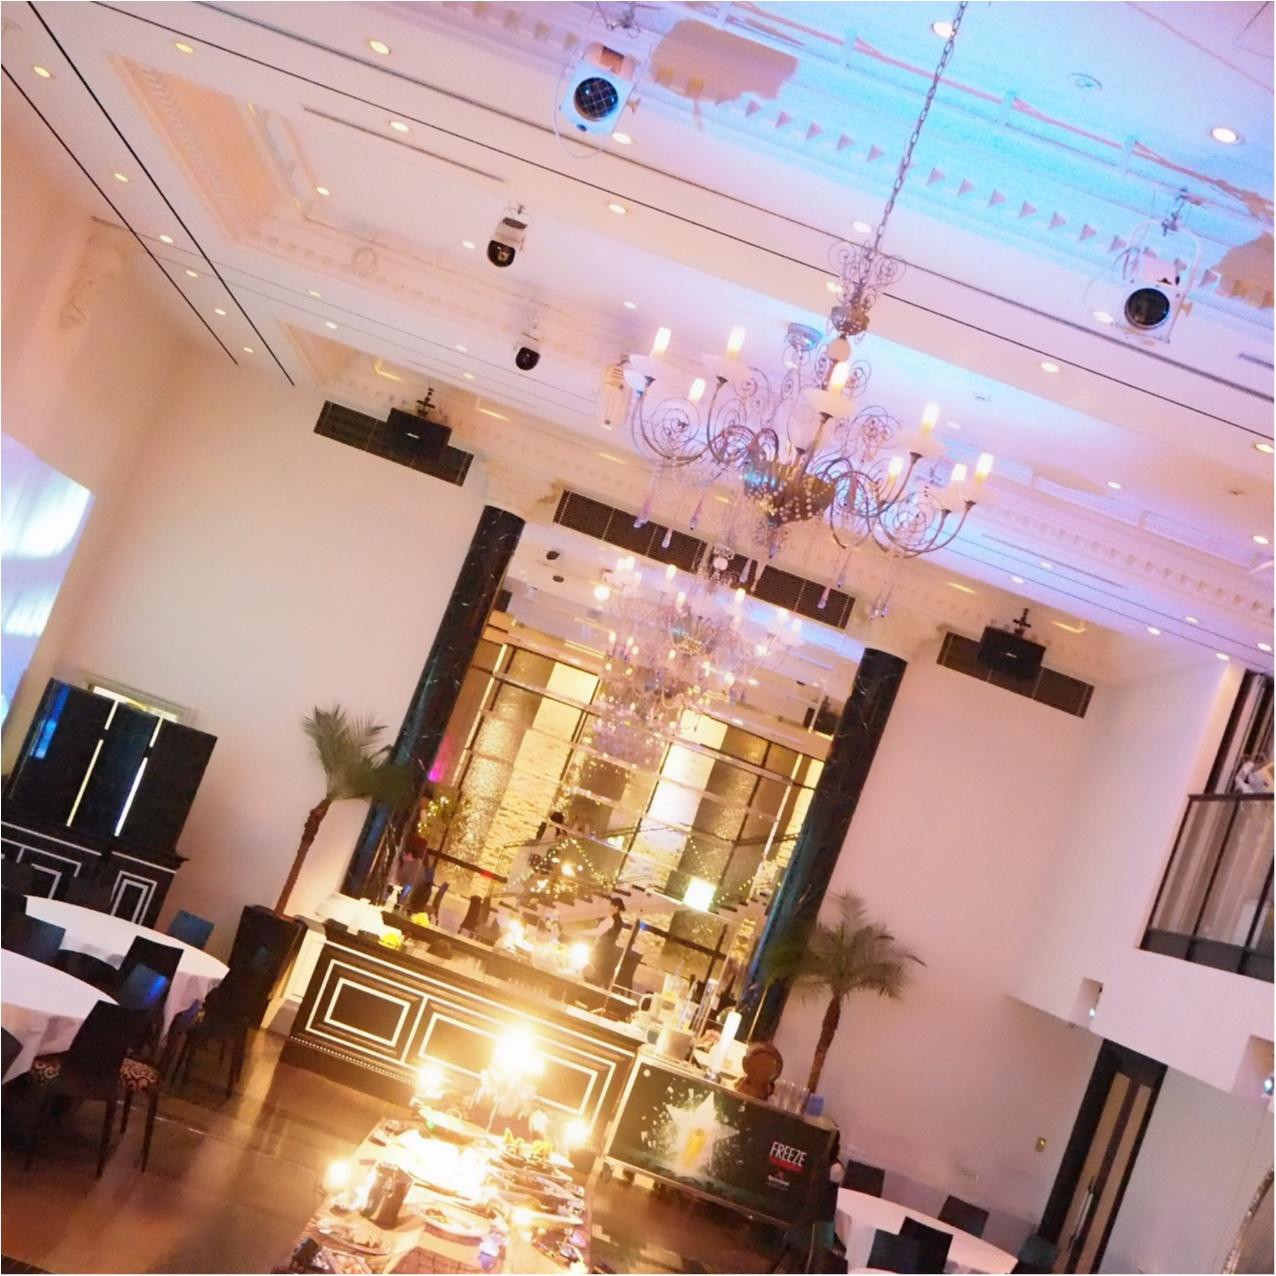 【結婚式場でビアイベント】会場の光に包まれながら楽しくごはん♡_2